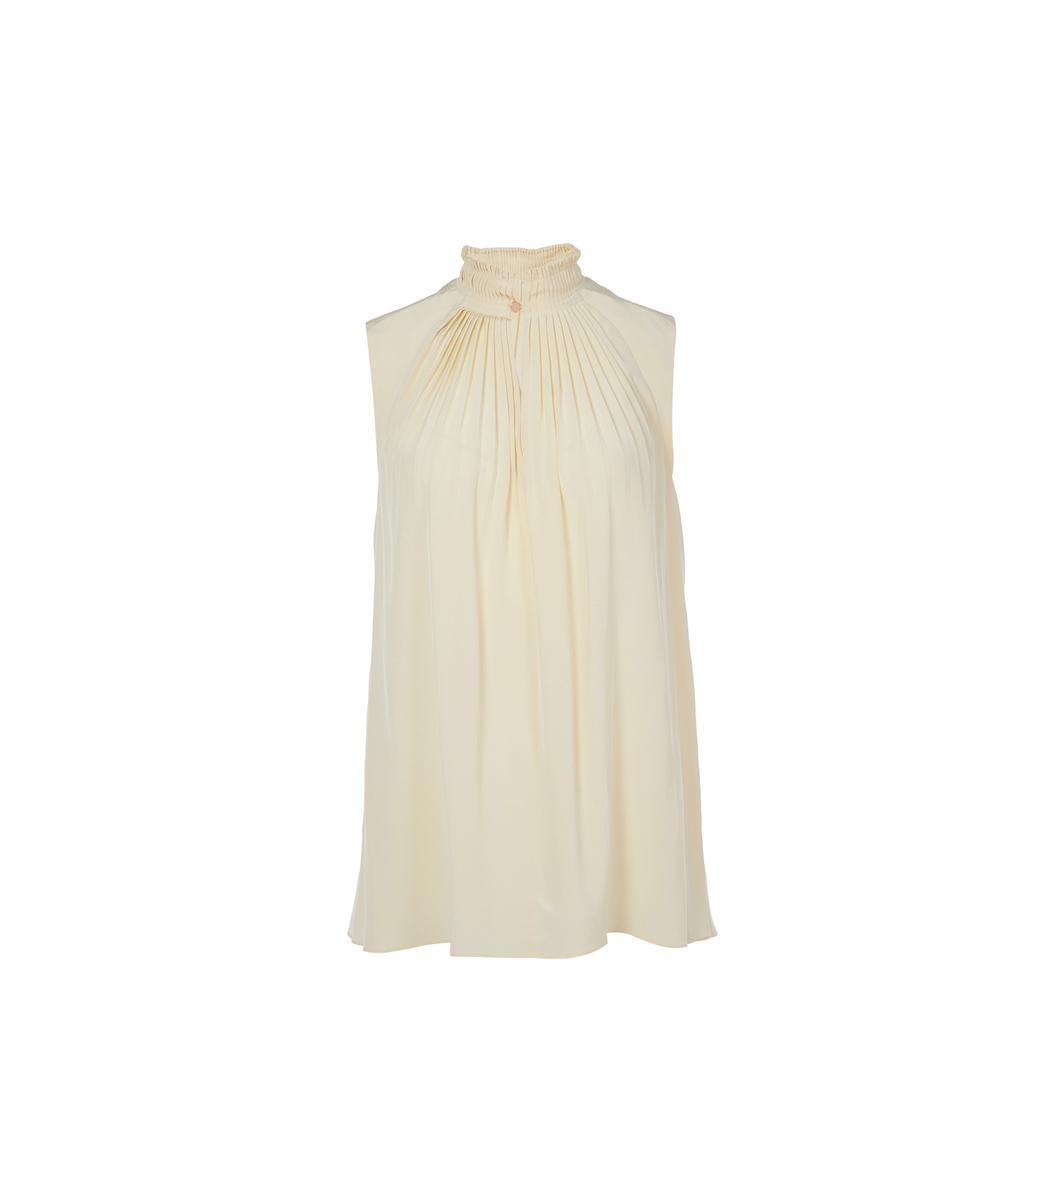 Tibi Butter Arielle Silk Sleeveless Top